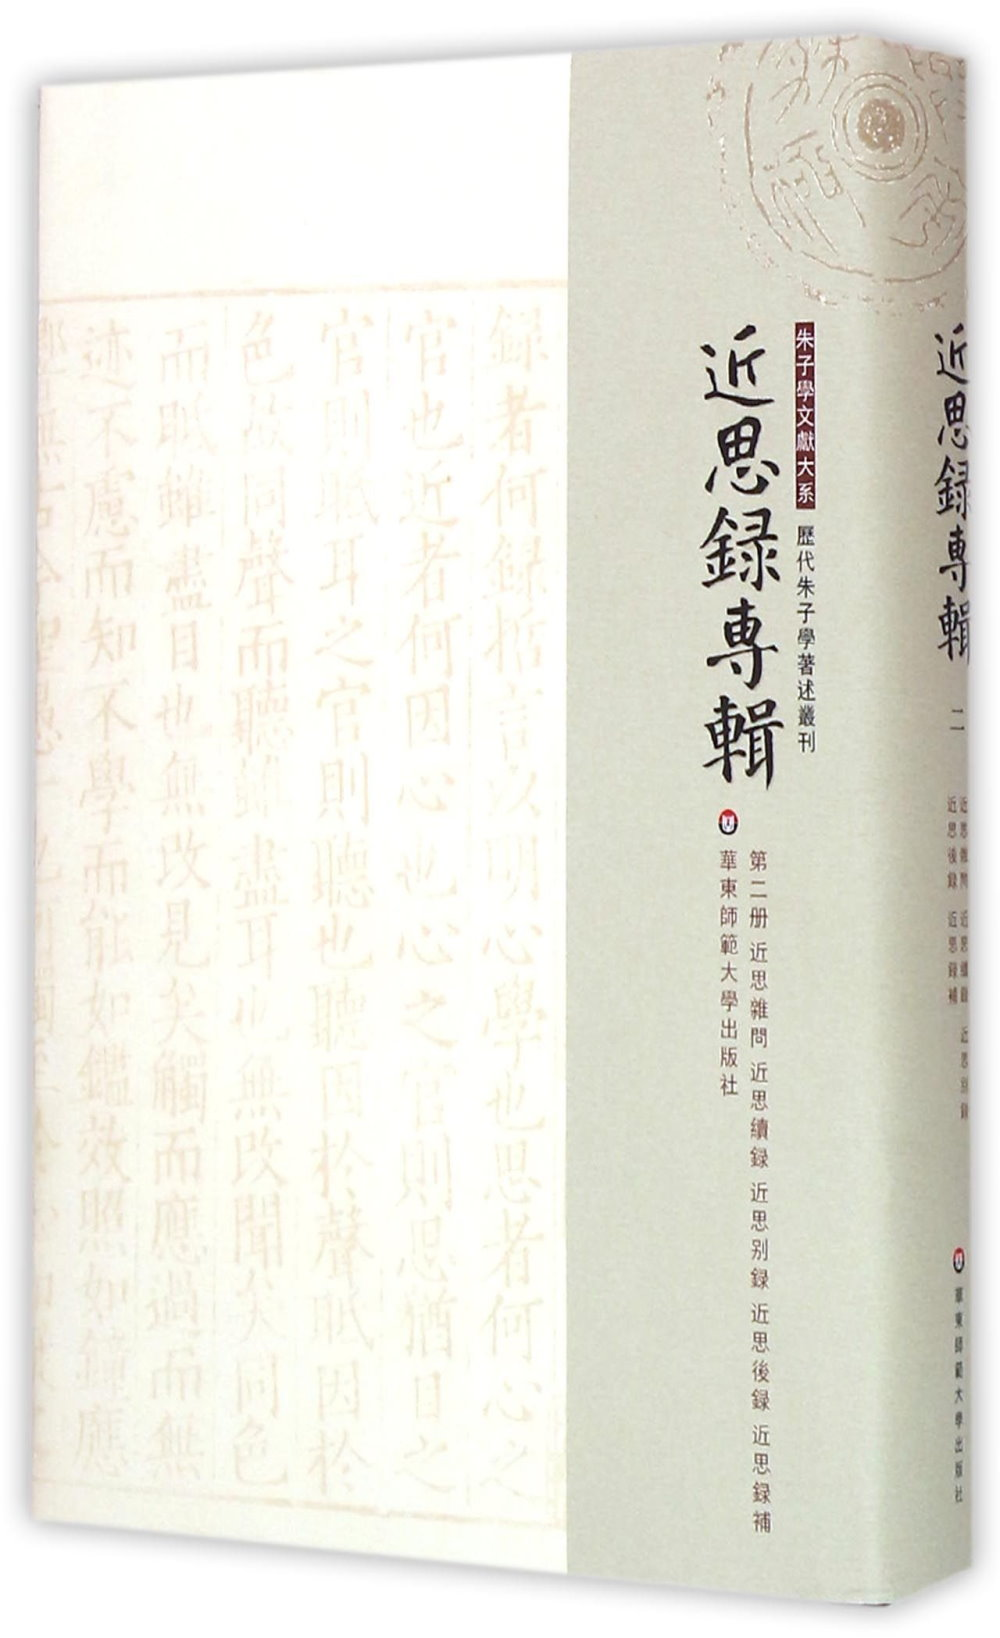 近思錄專輯第二冊:近思雜問 近思續錄 近思別錄 近思後錄 近思錄補